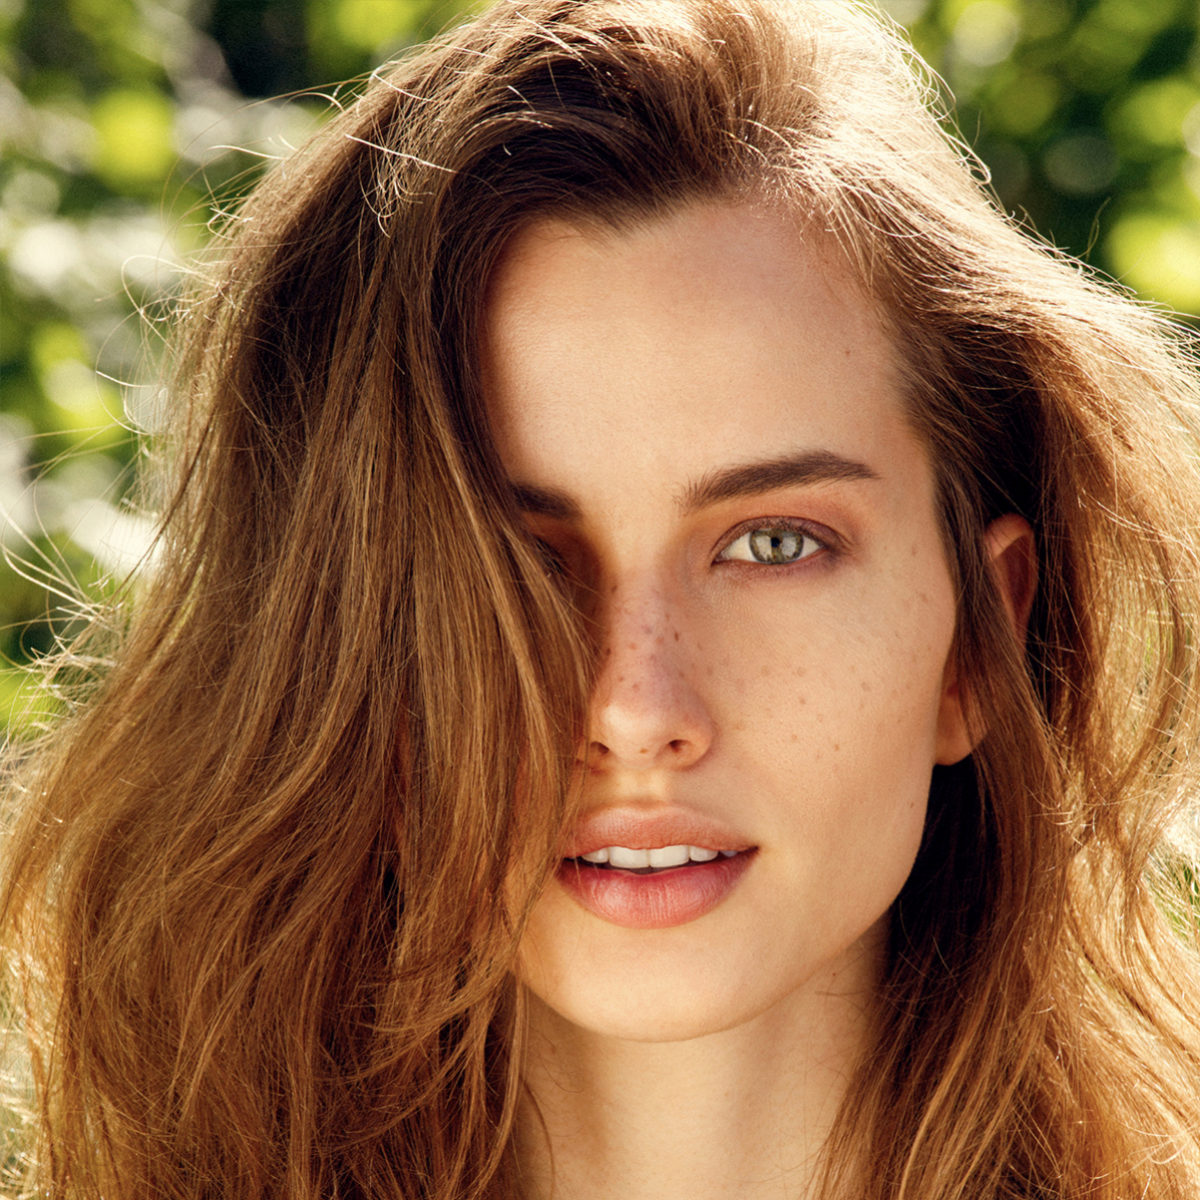 La alimentación equilibrada garantiza la salud del pelo y la piel.